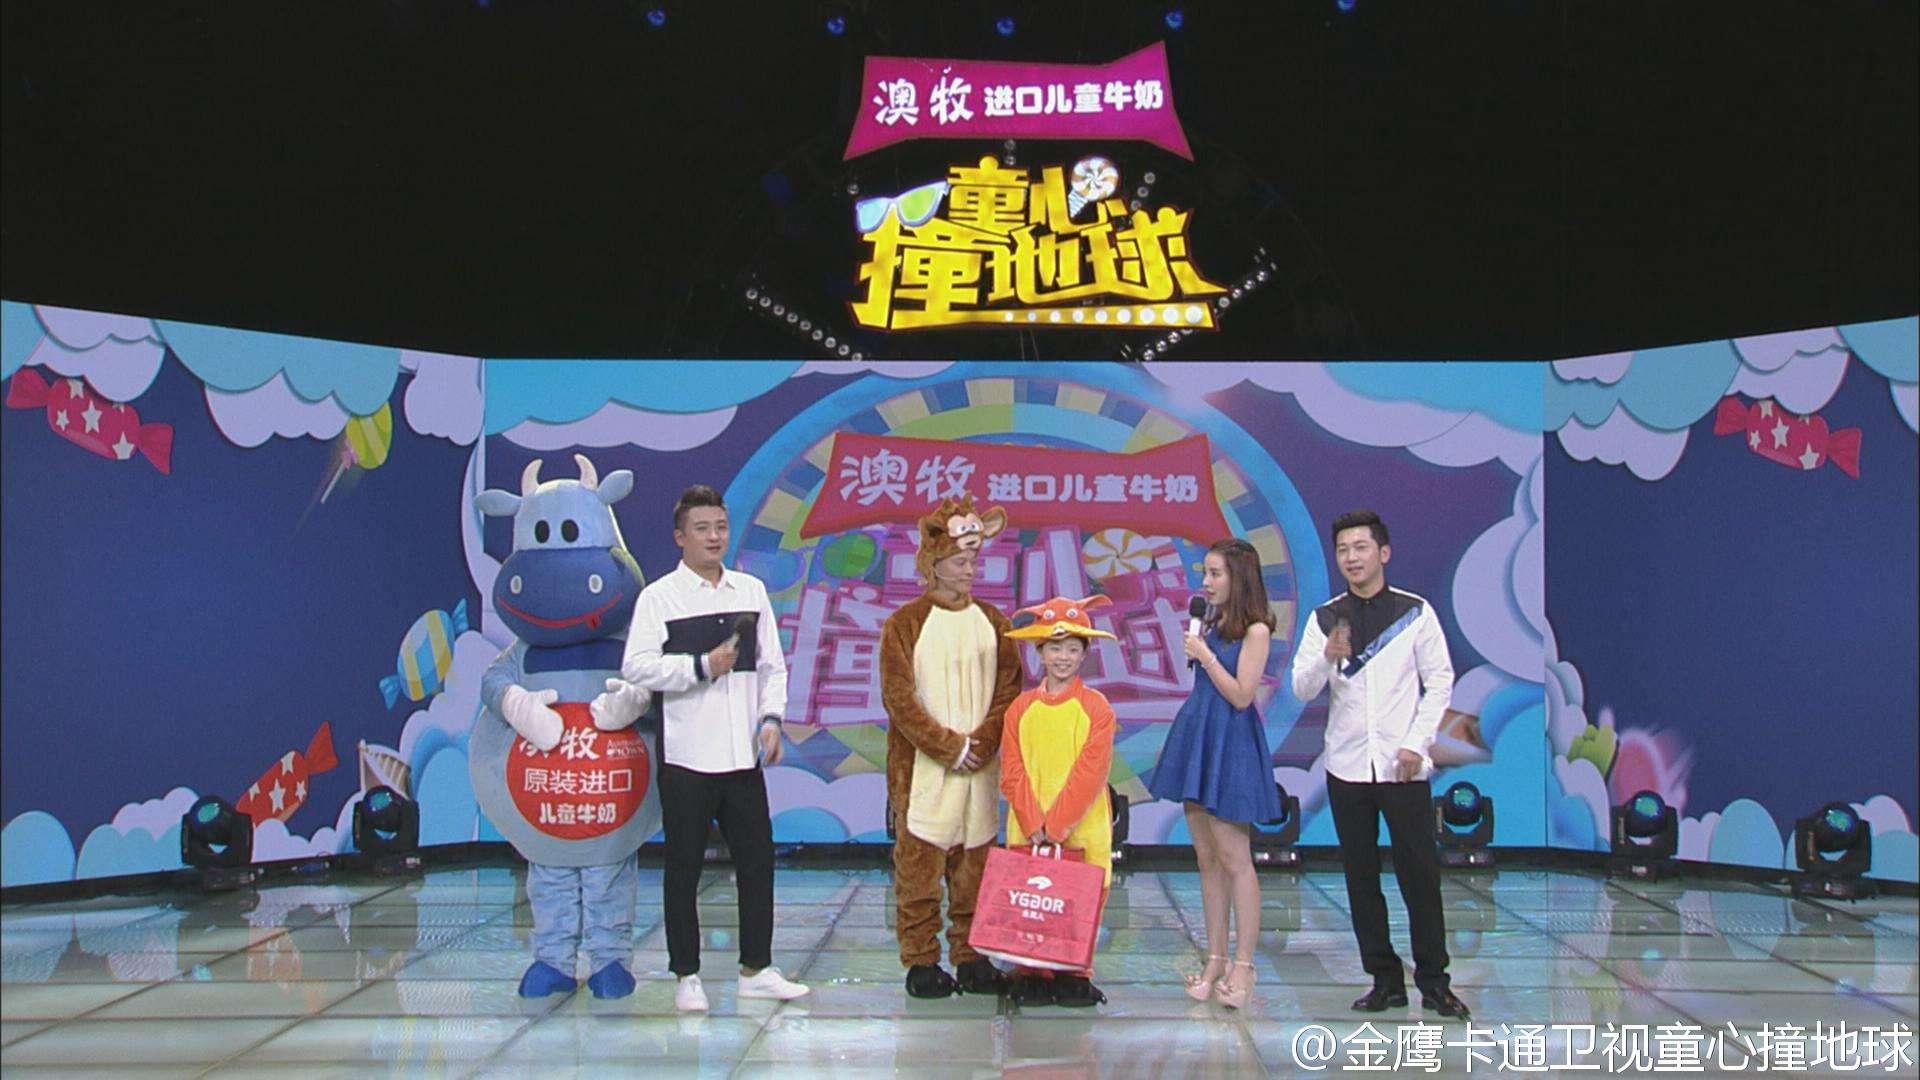 2017年9月5日电视台收视率钱柜娱乐777官方网站首页,江苏卫视收视第二湖南卫视收视第三